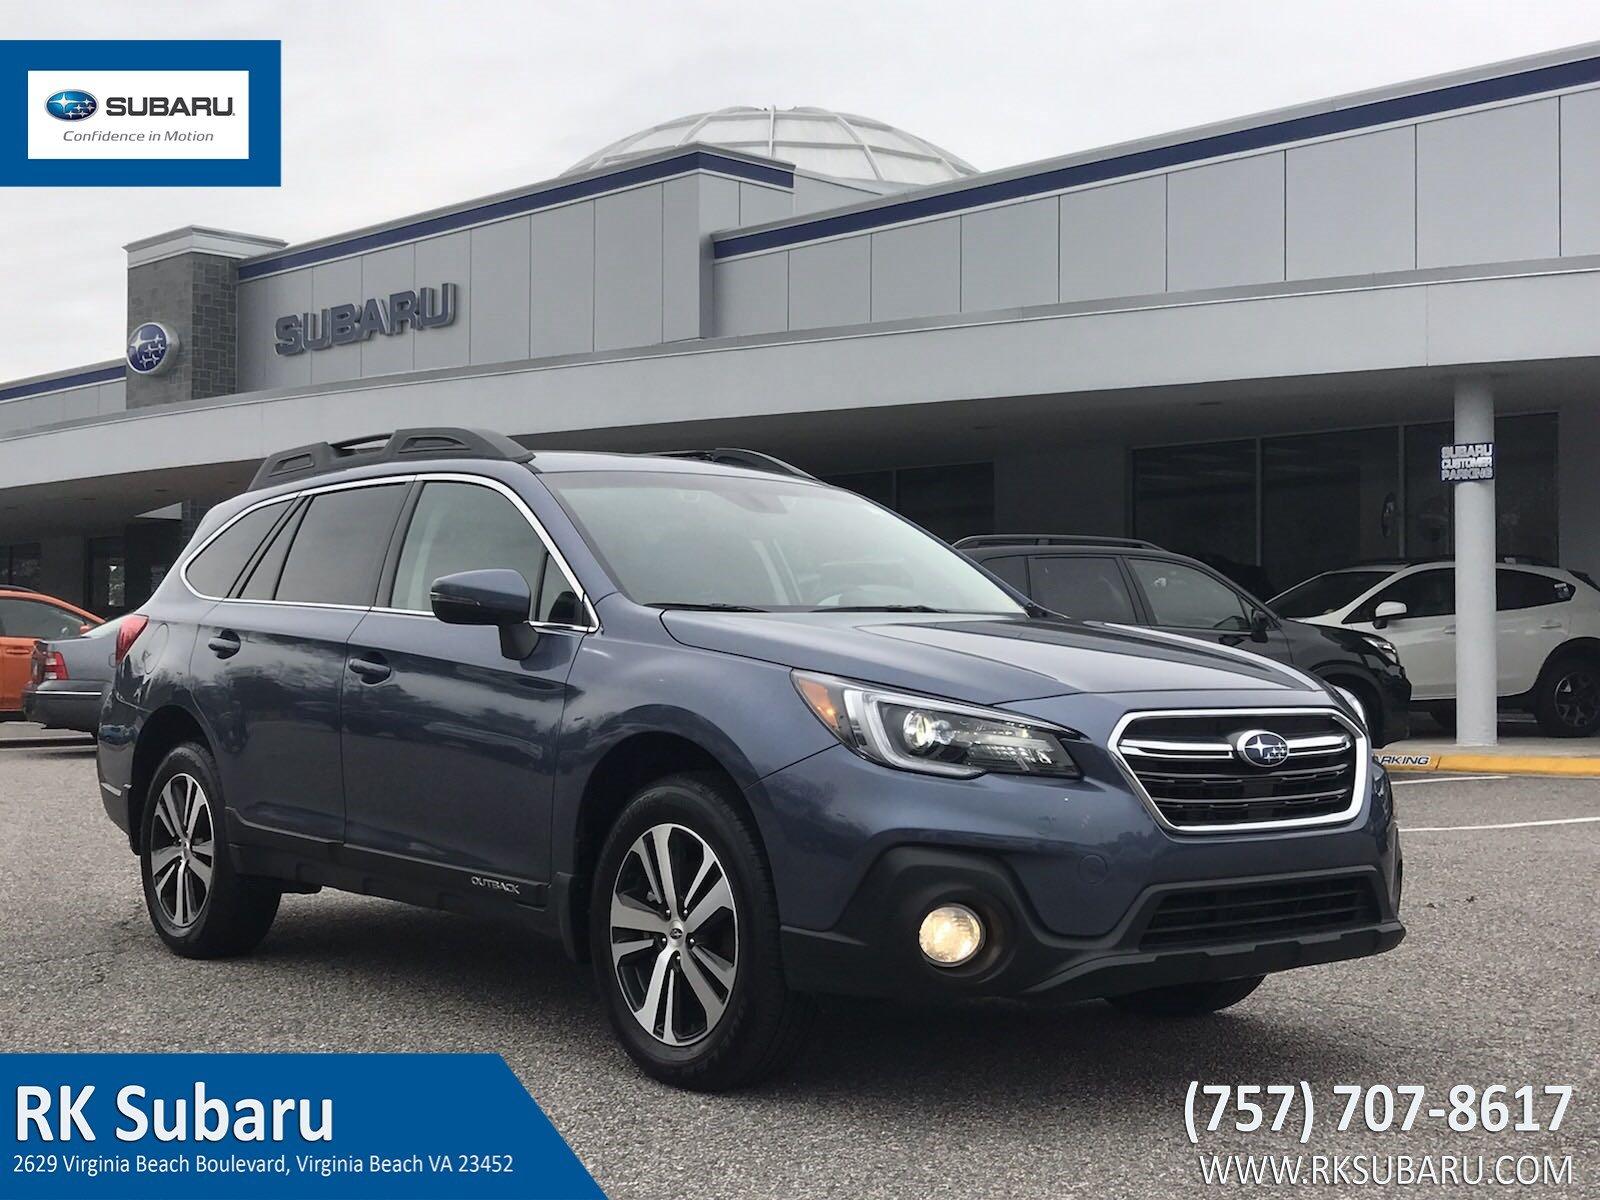 2018 Subaru Outback Limited 2.5i Limited 4S4BSANC0J3359968